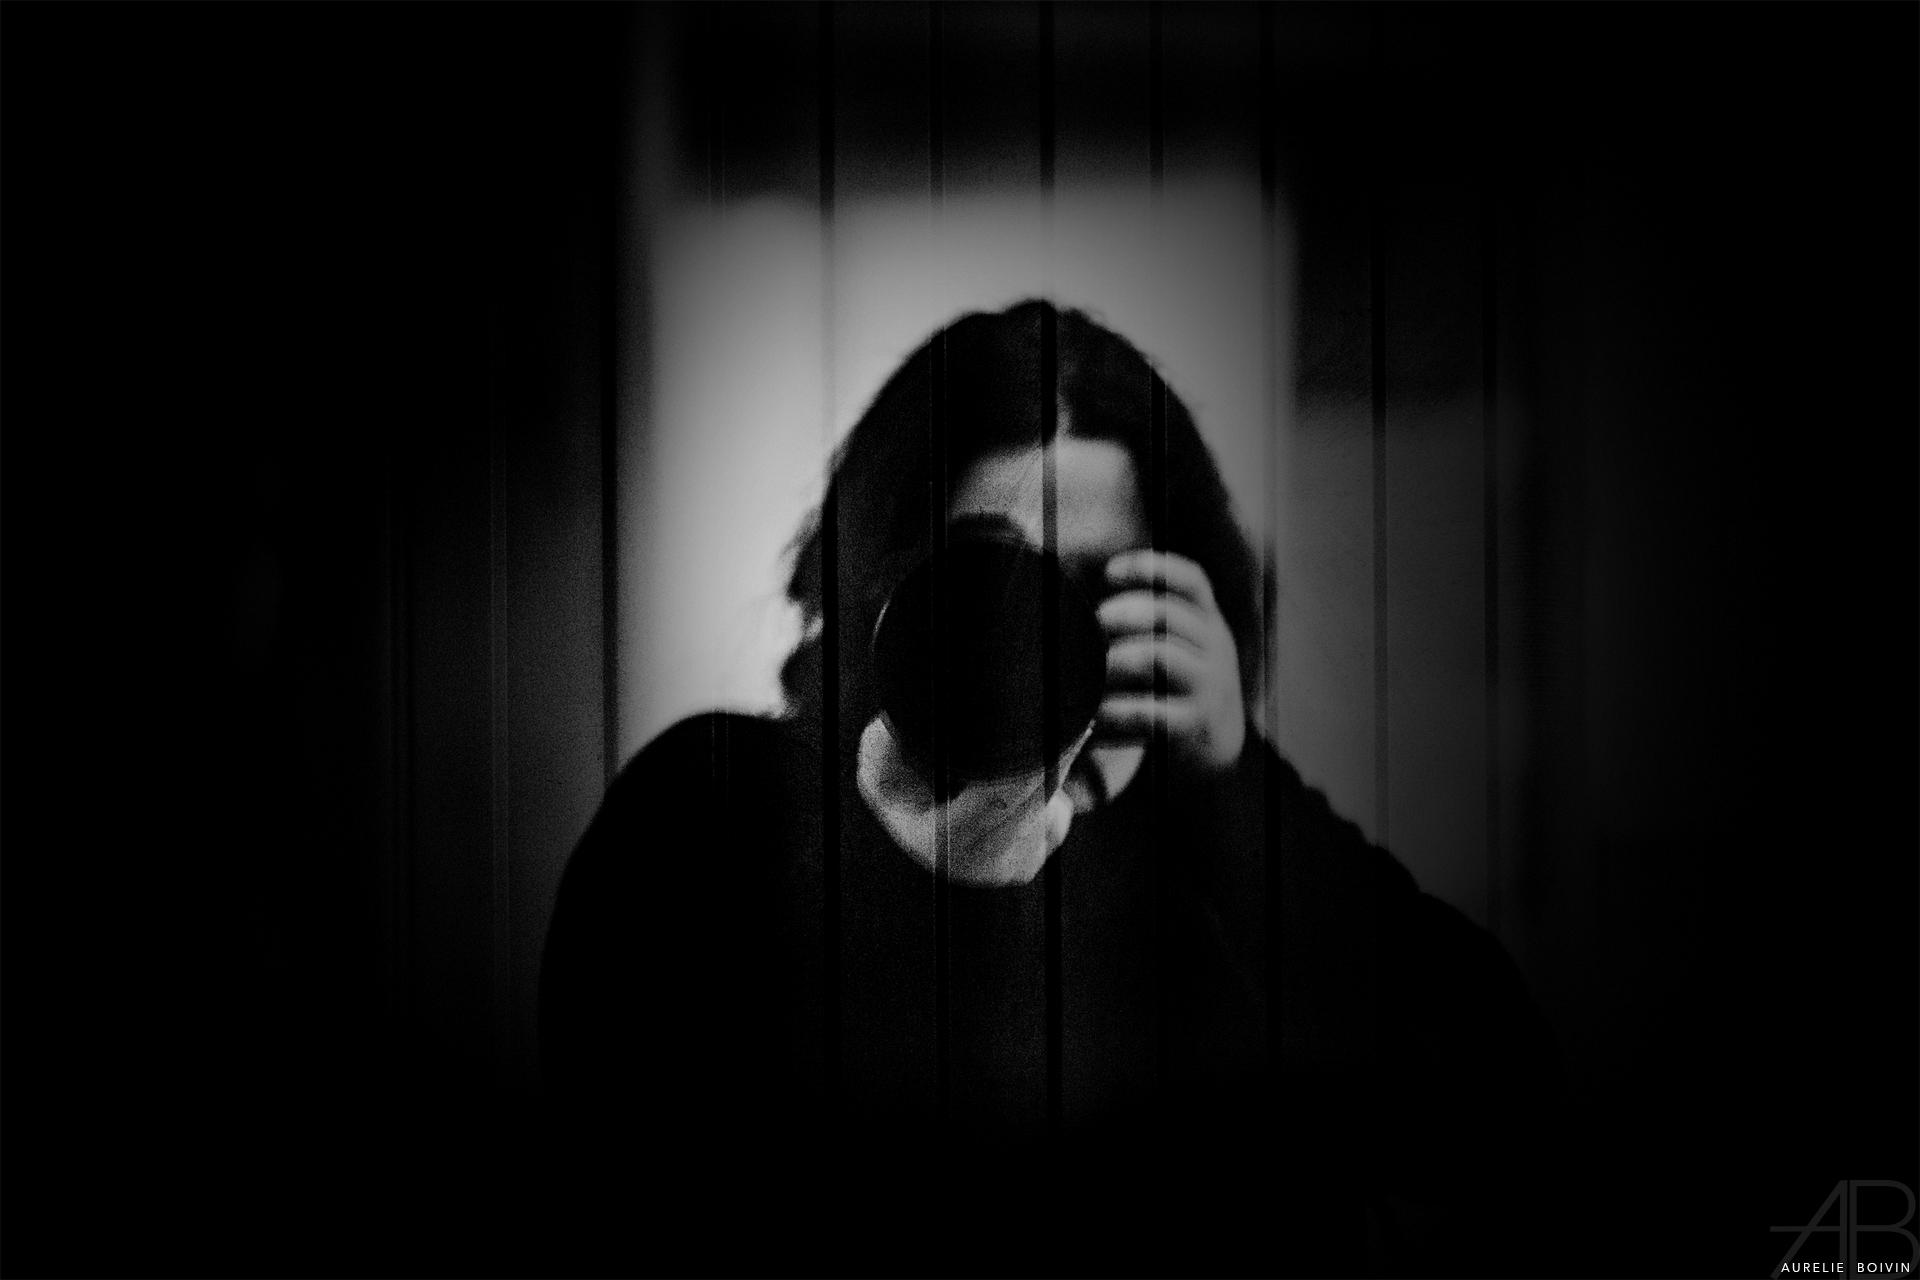 autoportrait, photographe, vidéaste, Aurélie Boivin